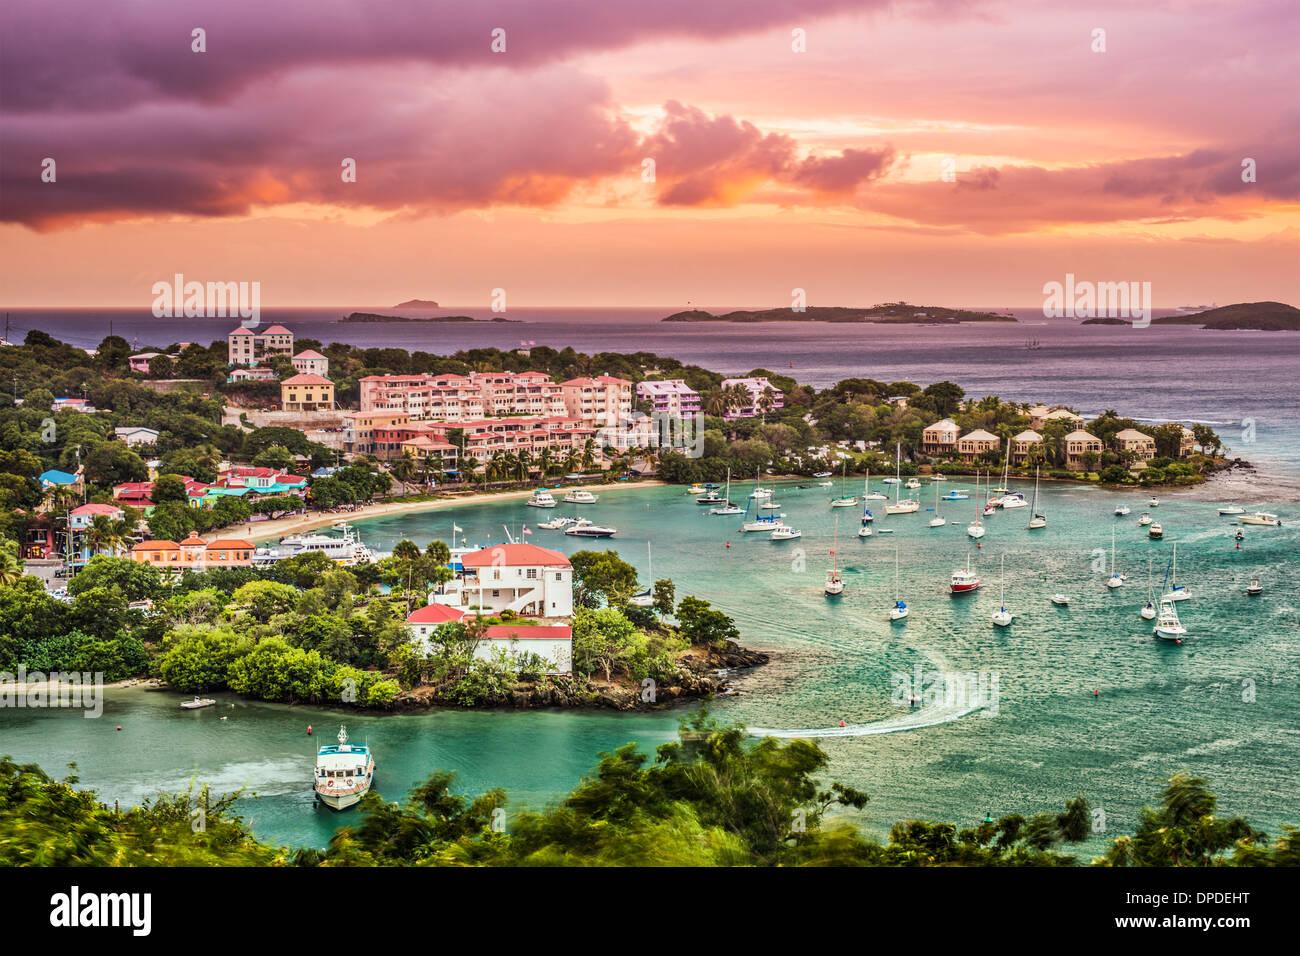 Cruz Bay, St John, Islas Vírgenes de los Estados Unidos. Imagen De Stock